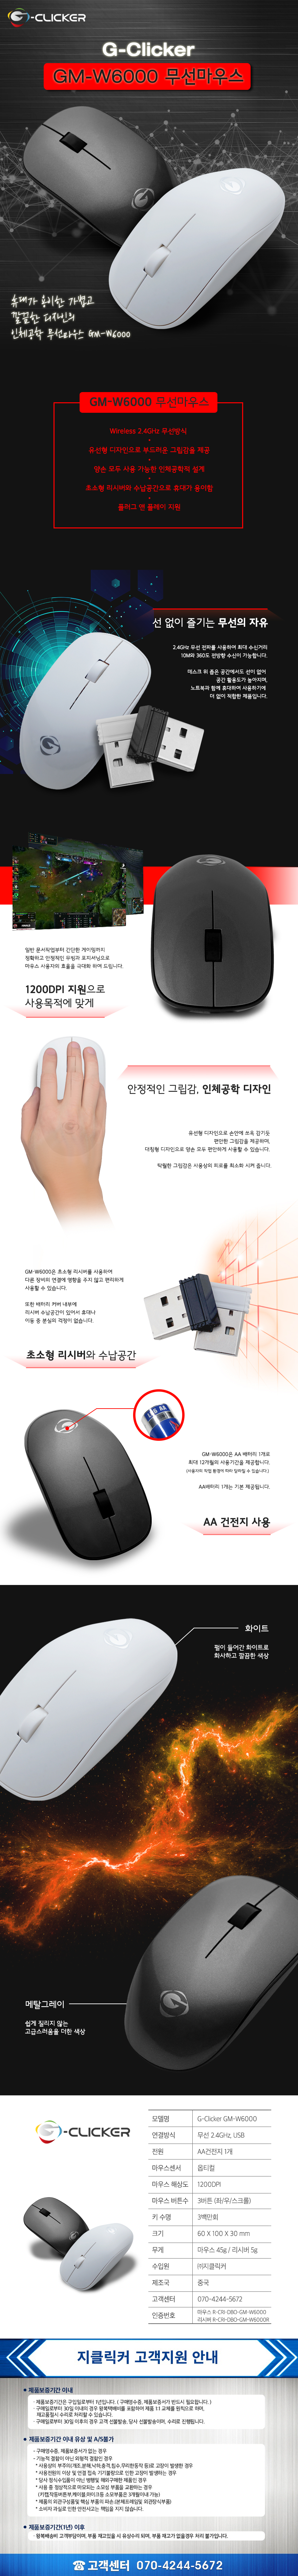 지클릭커 G-Clicker GM-W6000 무선 마우스 (메탈그레이)